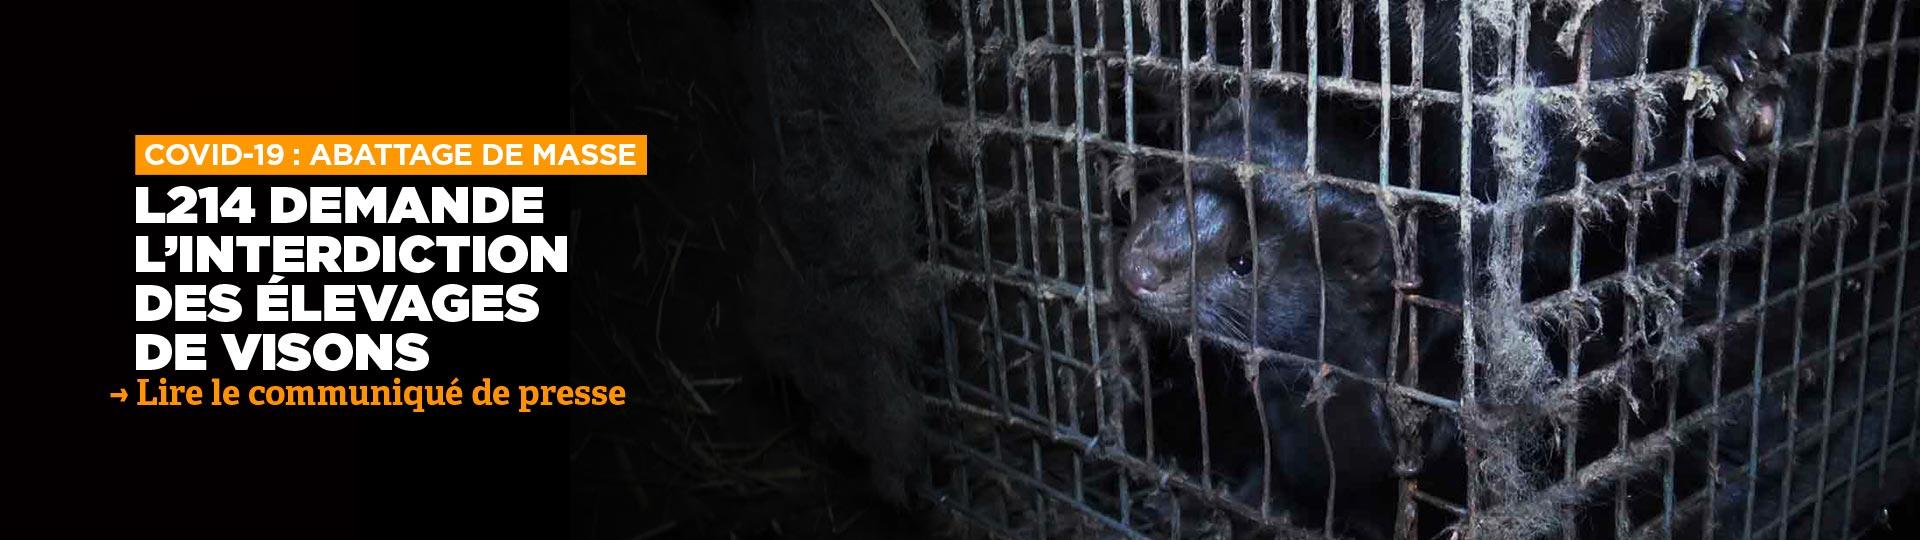 L214 demande l'interdiction immédiate de l'élevage de visons